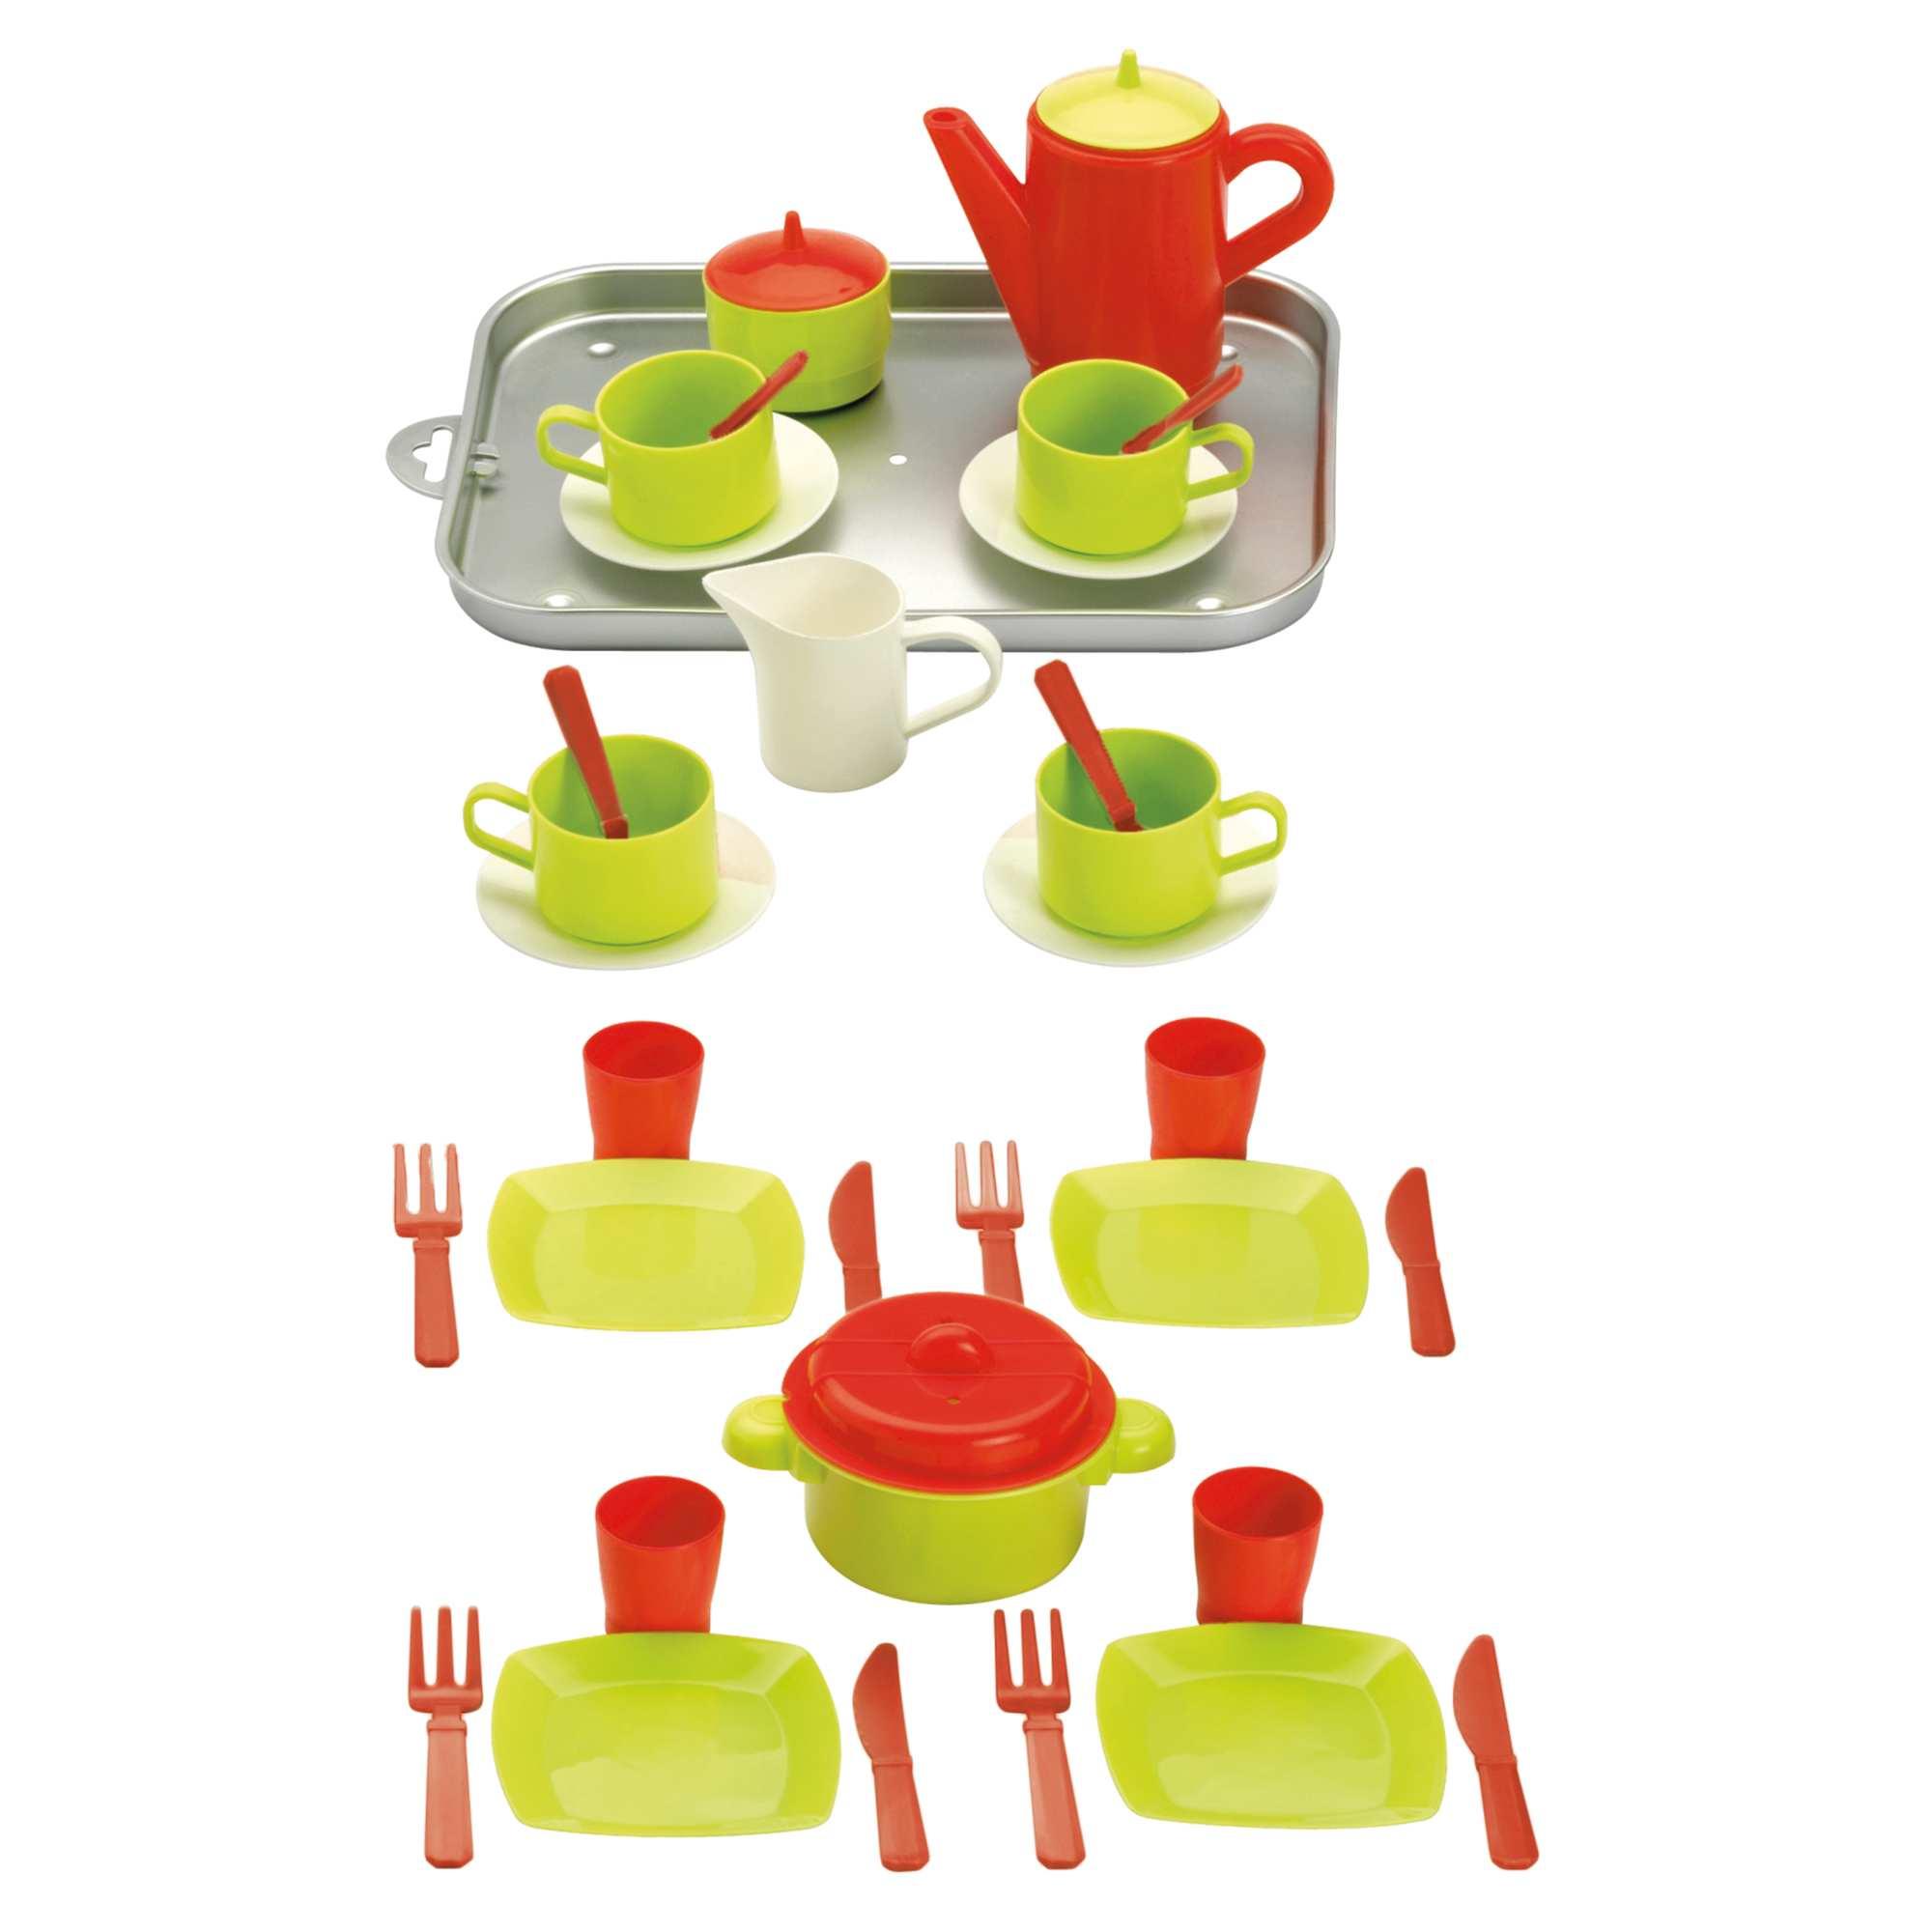 Vassoio accessori cucina 20 pezzi neonata verde rosso for Accessori cucina